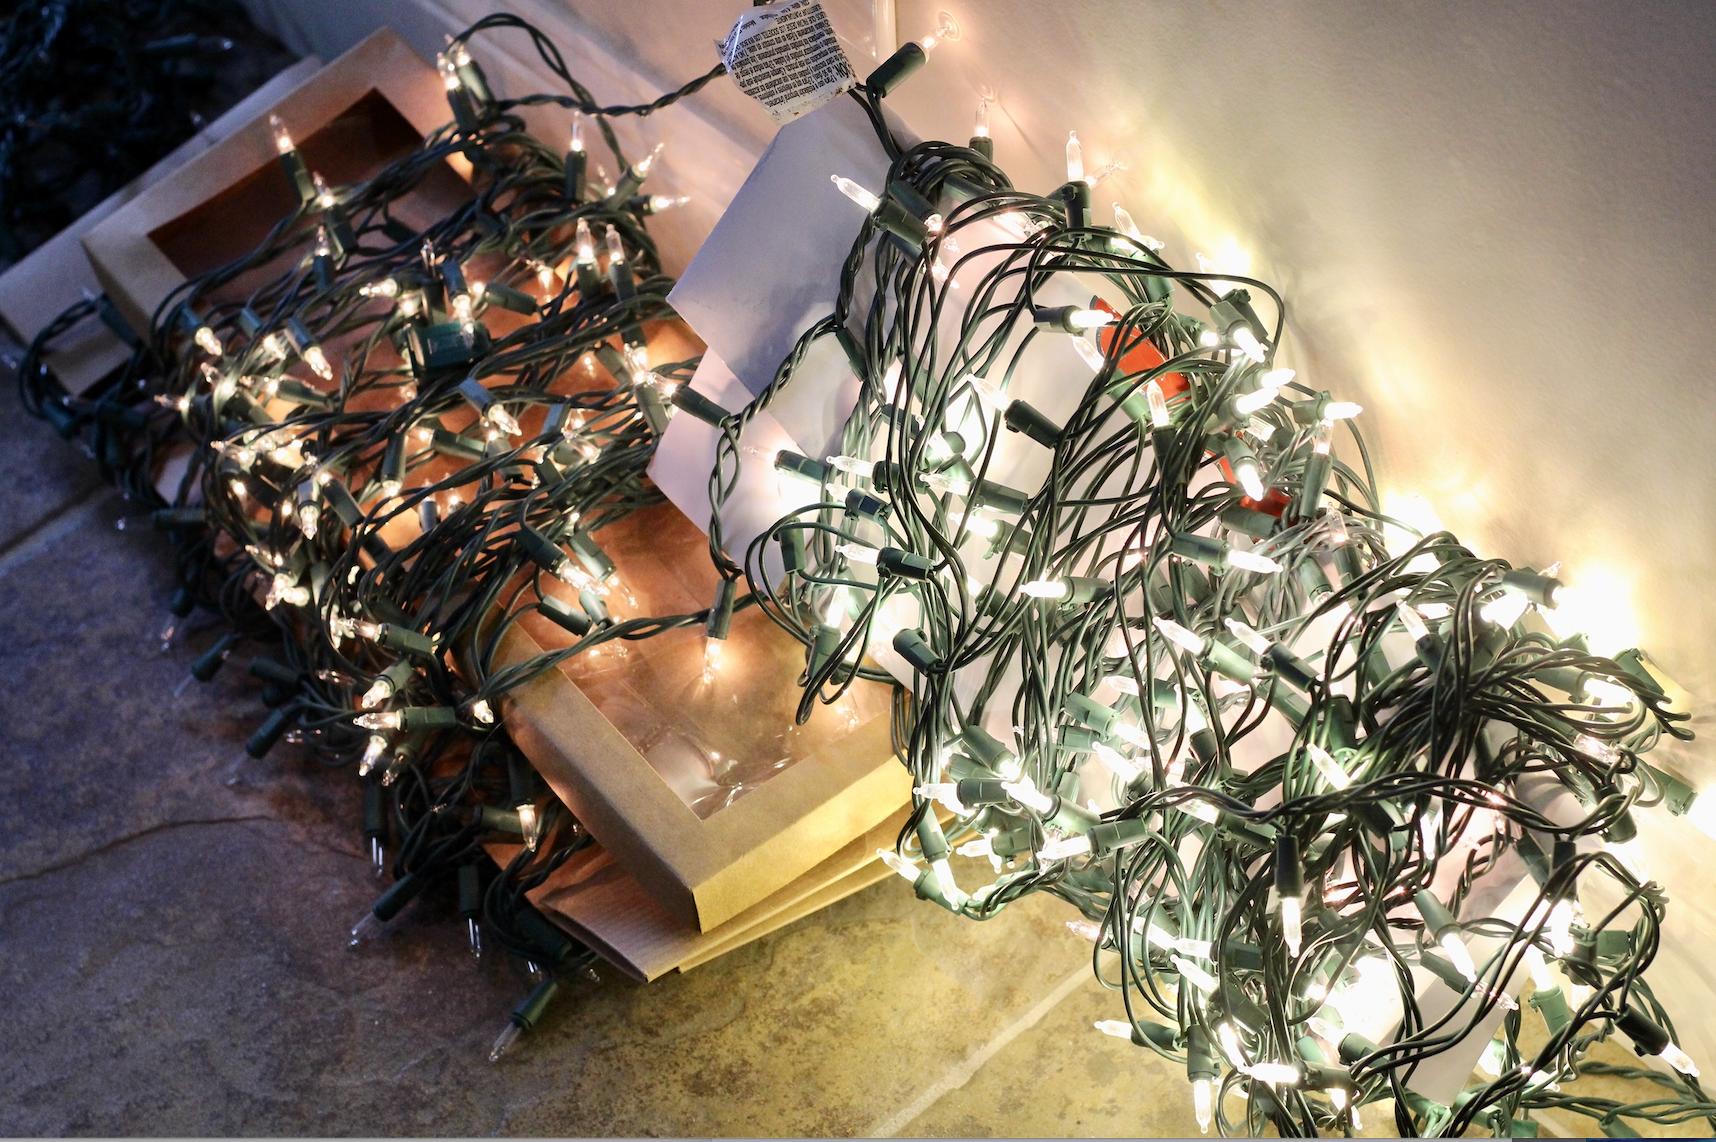 Testing the Christmas Tree lights